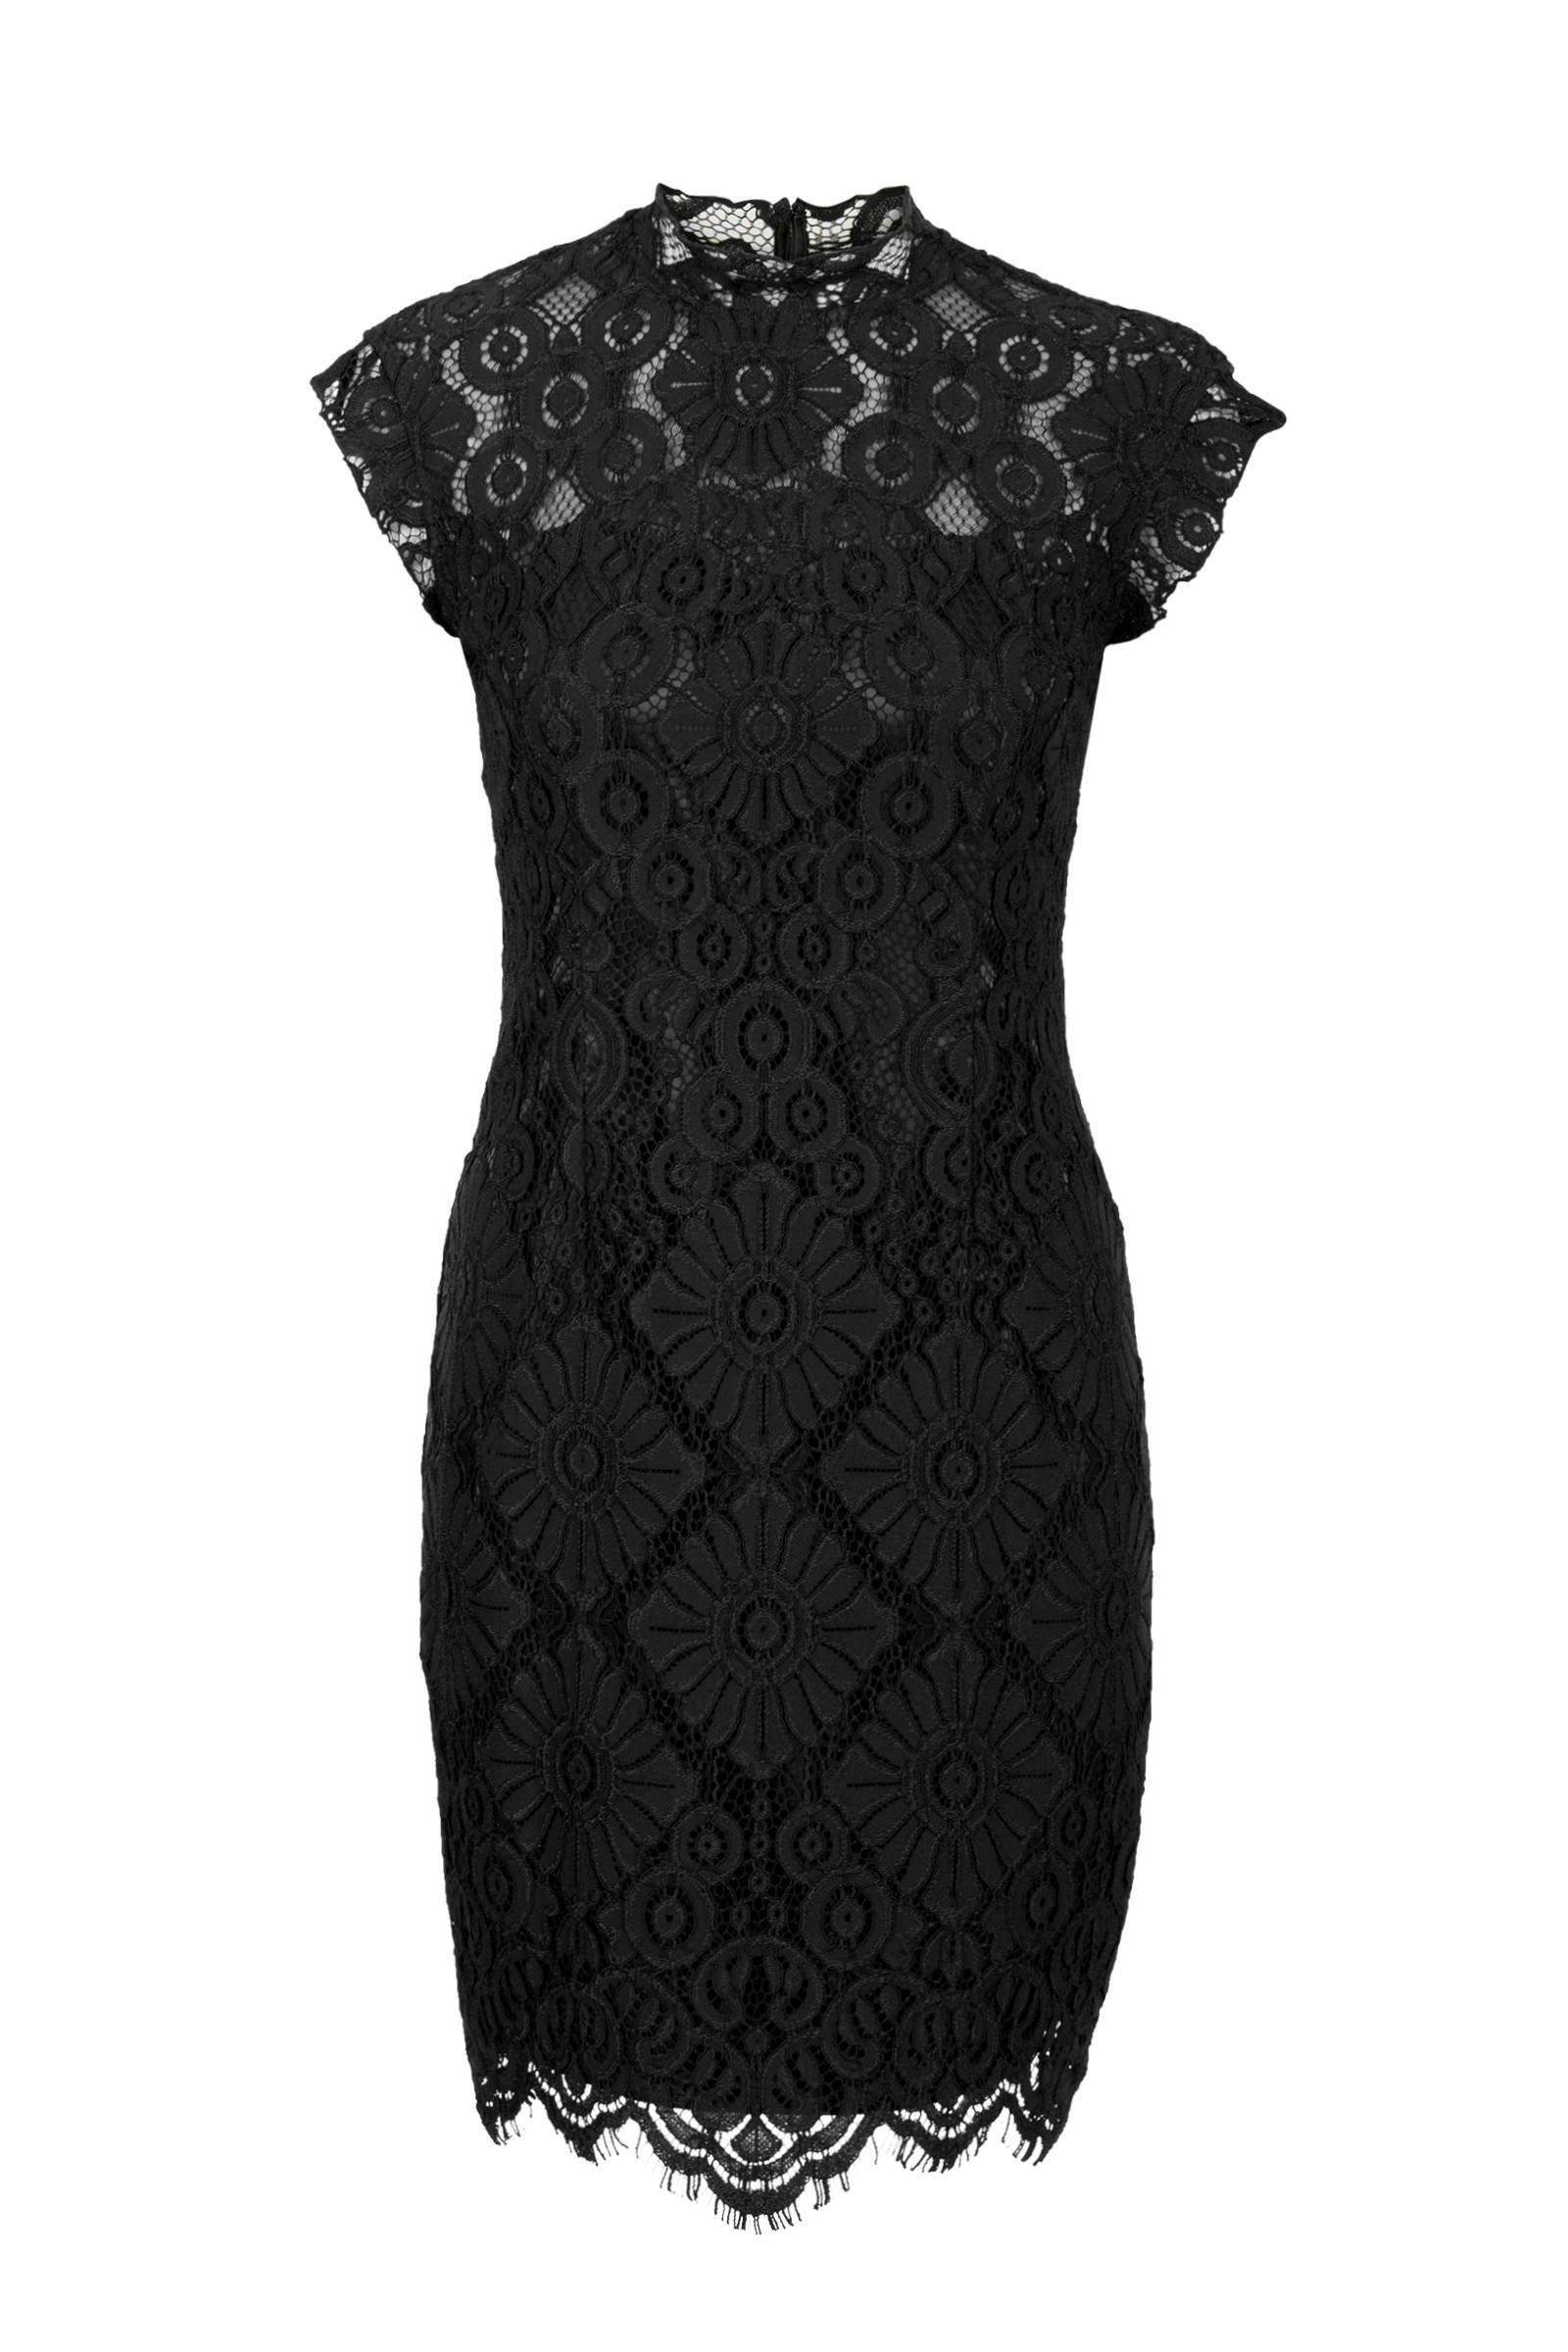 Super Steps kanten jurk zwart | wehkamp EY-53